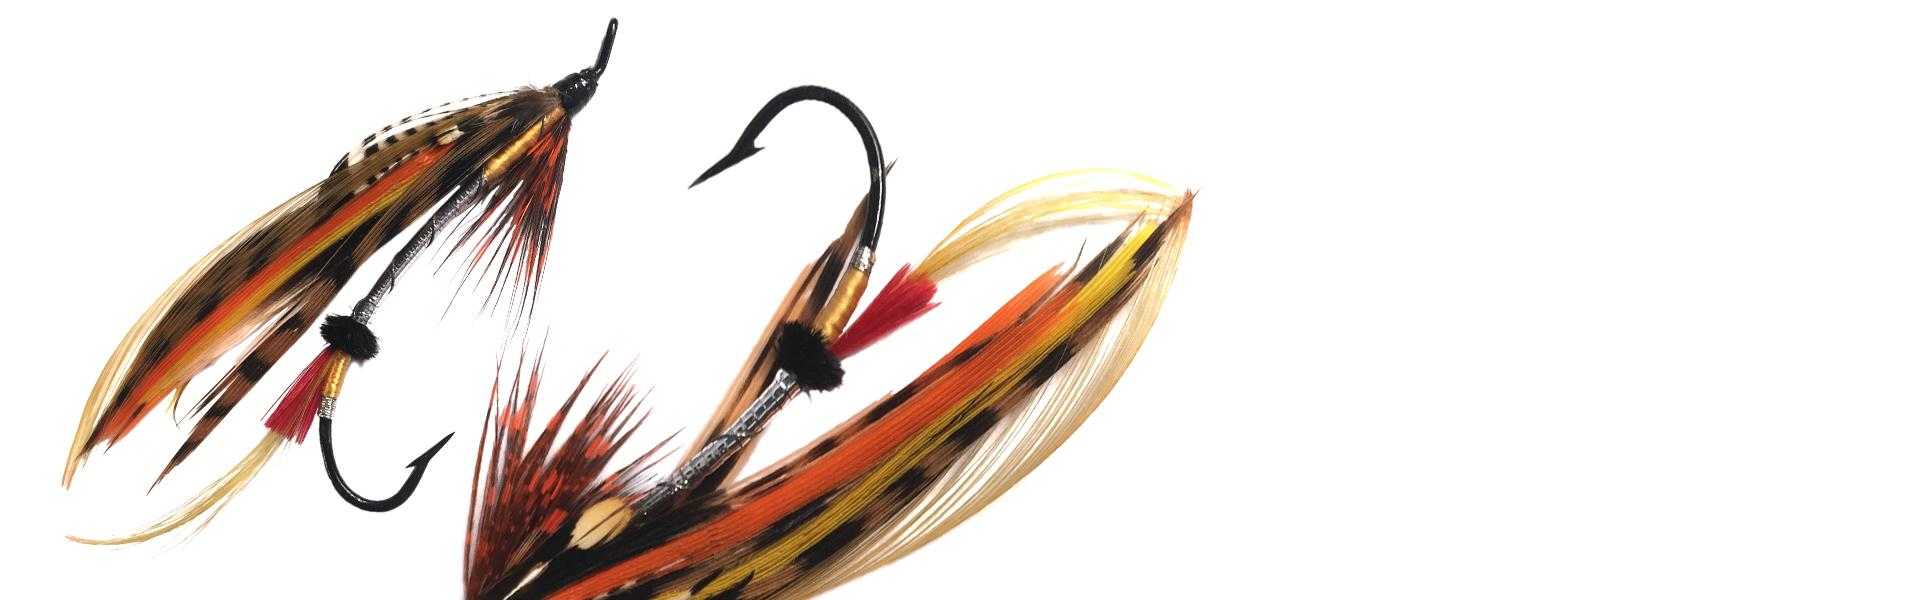 Charlie Miller Fly